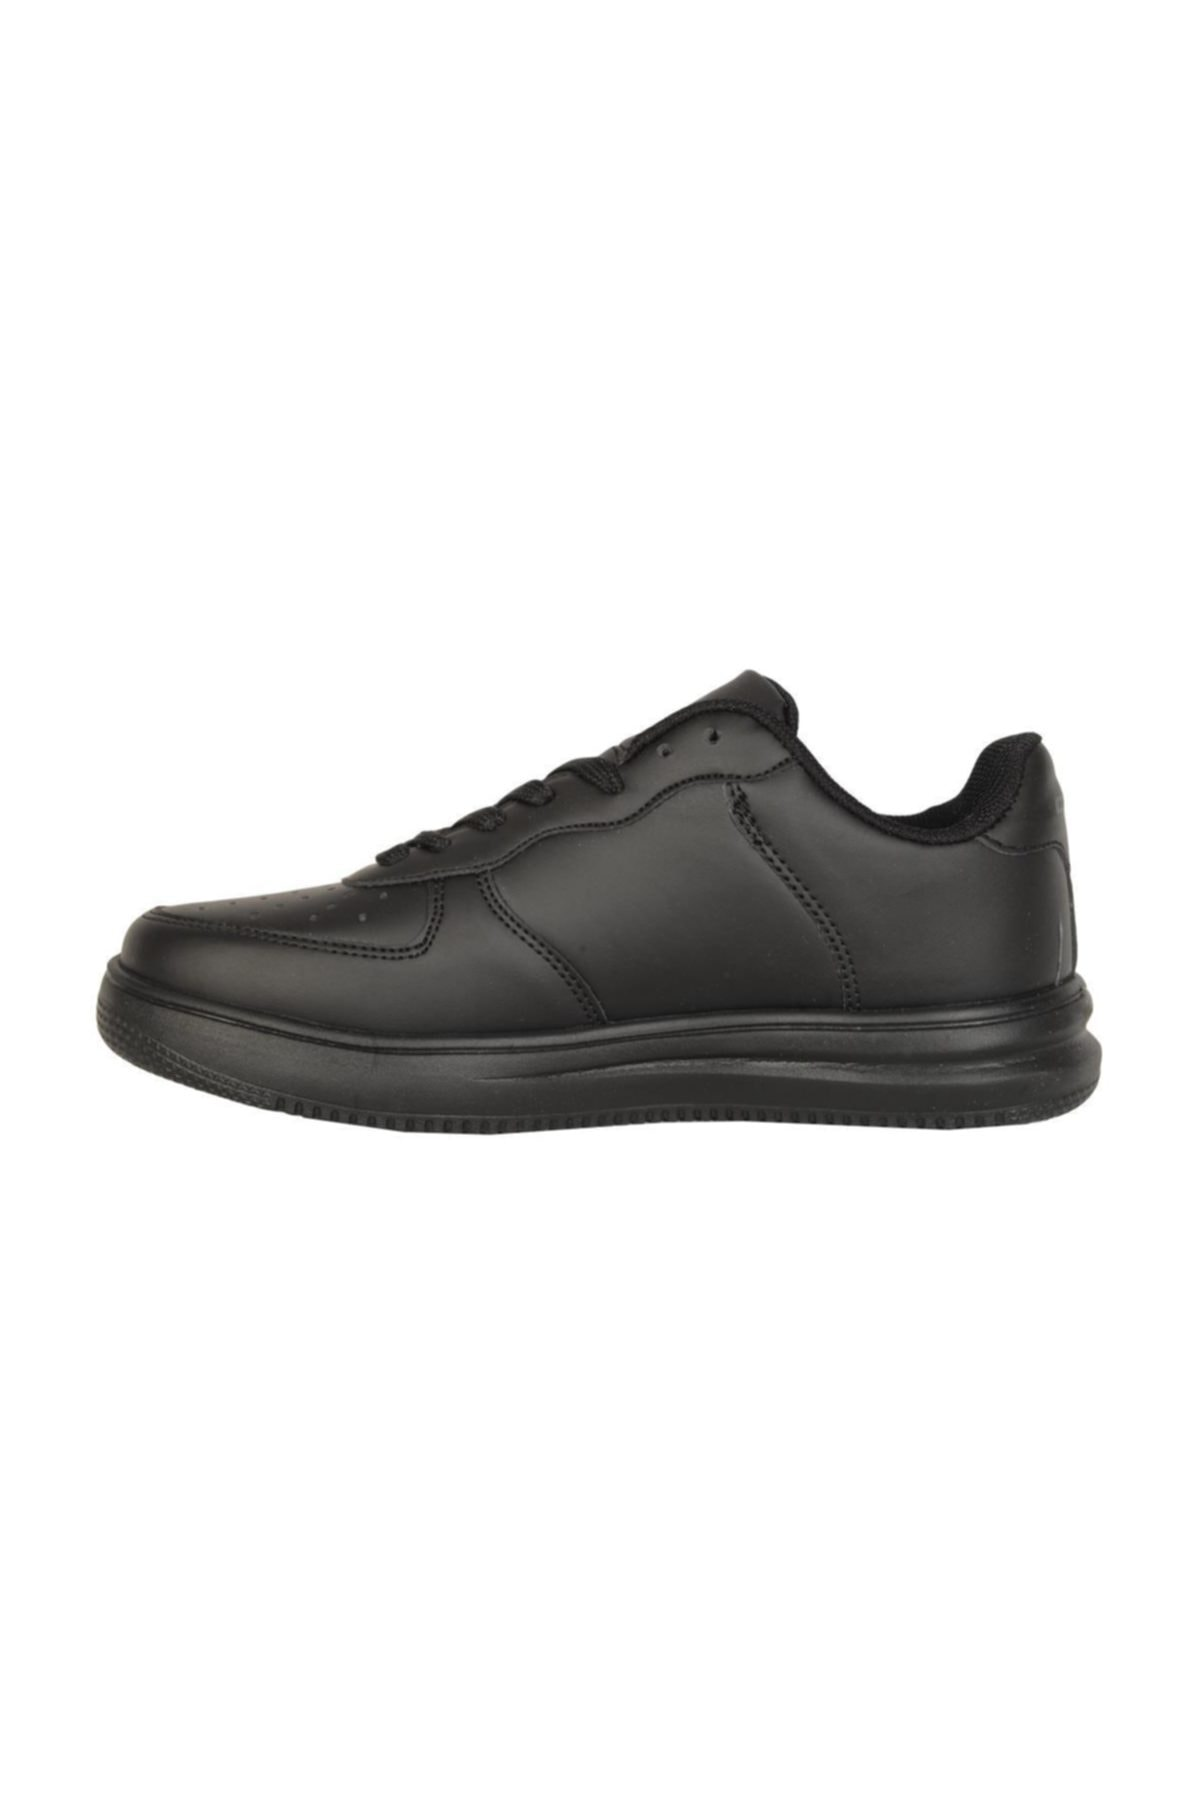 Cheta C042 Siyah Günlük Yürüyüş Kadın Spor Ayakkabı 2